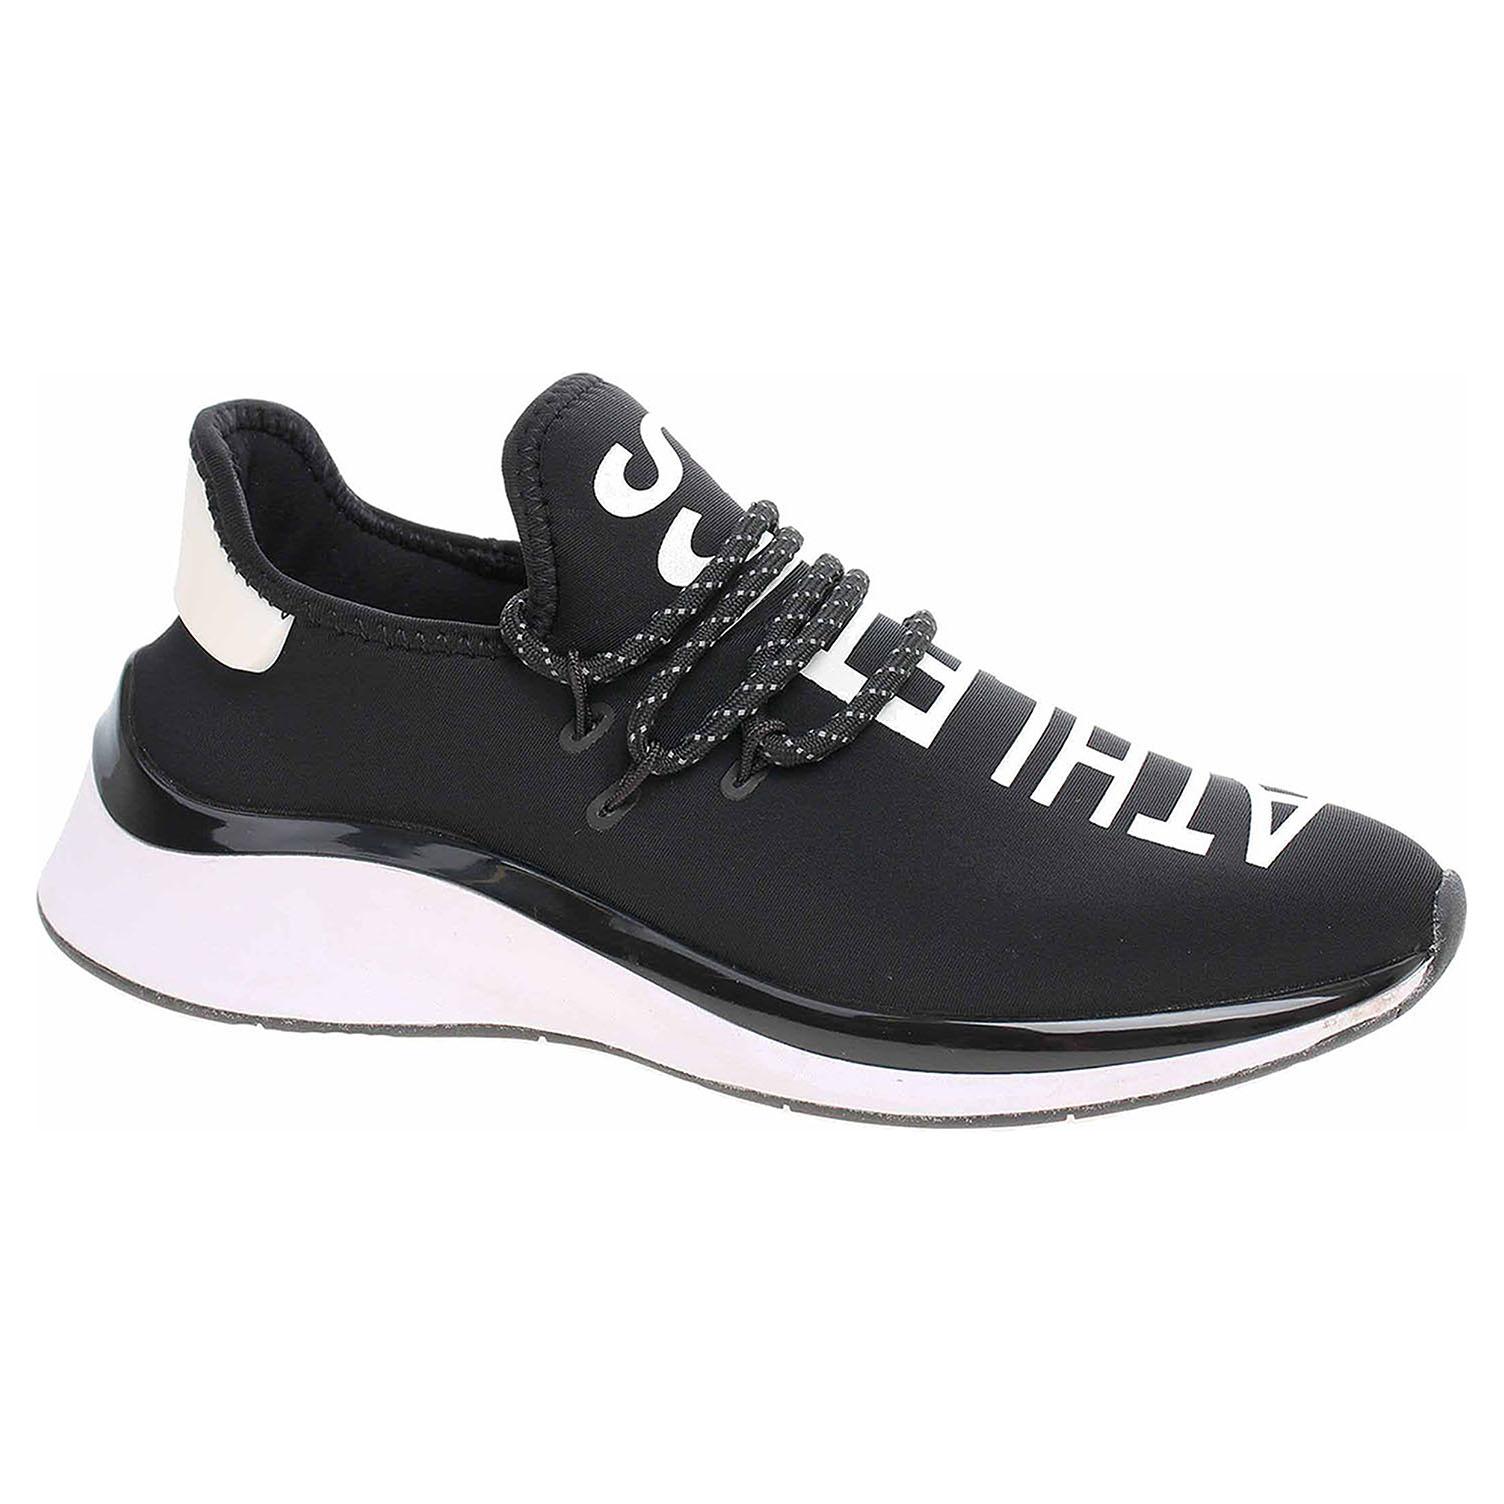 Dámská obuv Tamaris 1-23702-22 black 1-1-23702-22 001 38